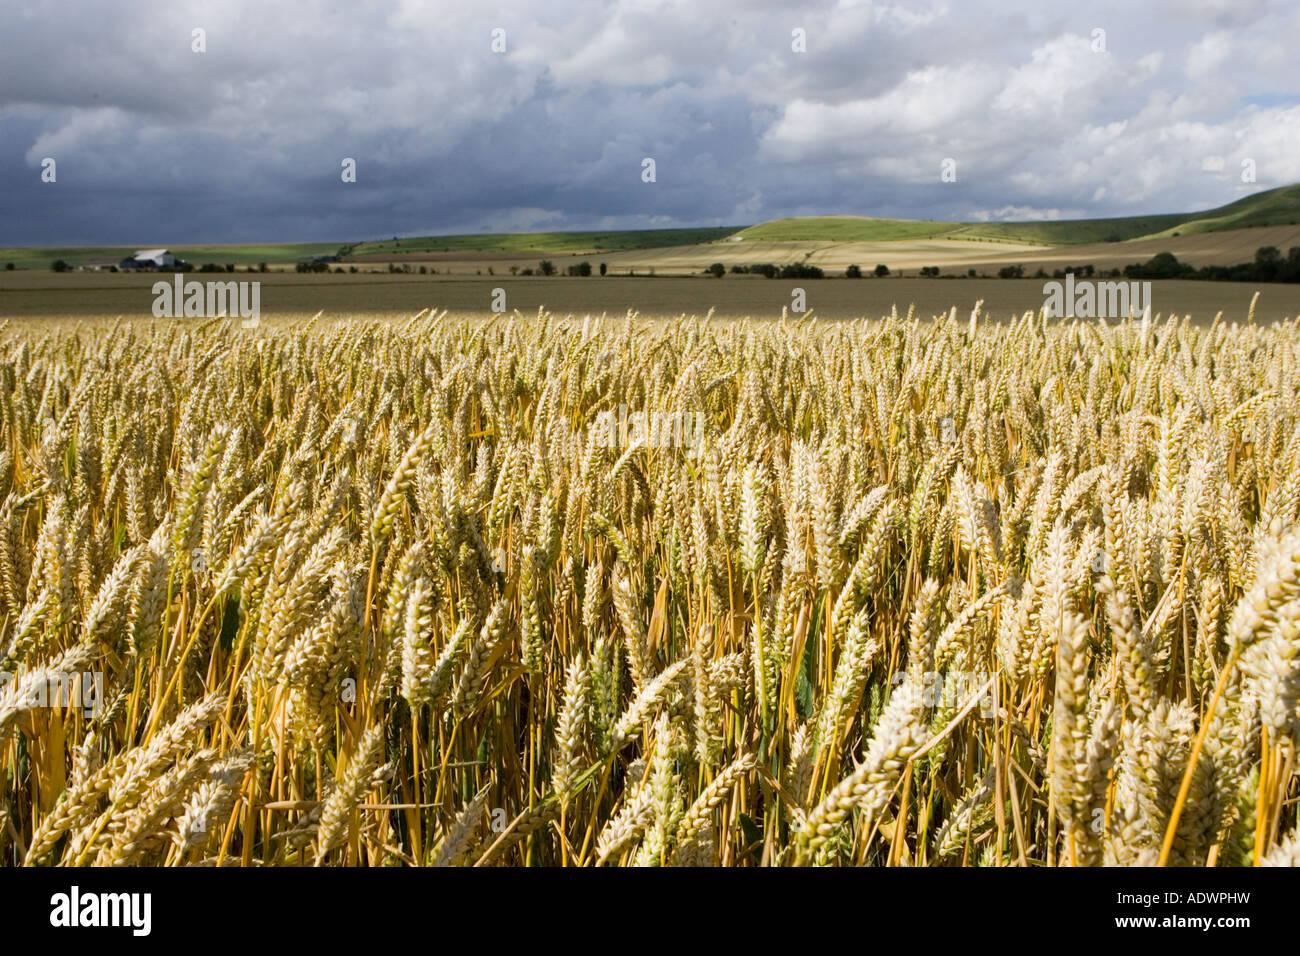 Campo di grano in Marlborough Downs Wiltshire, Inghilterra Regno Unito Immagini Stock